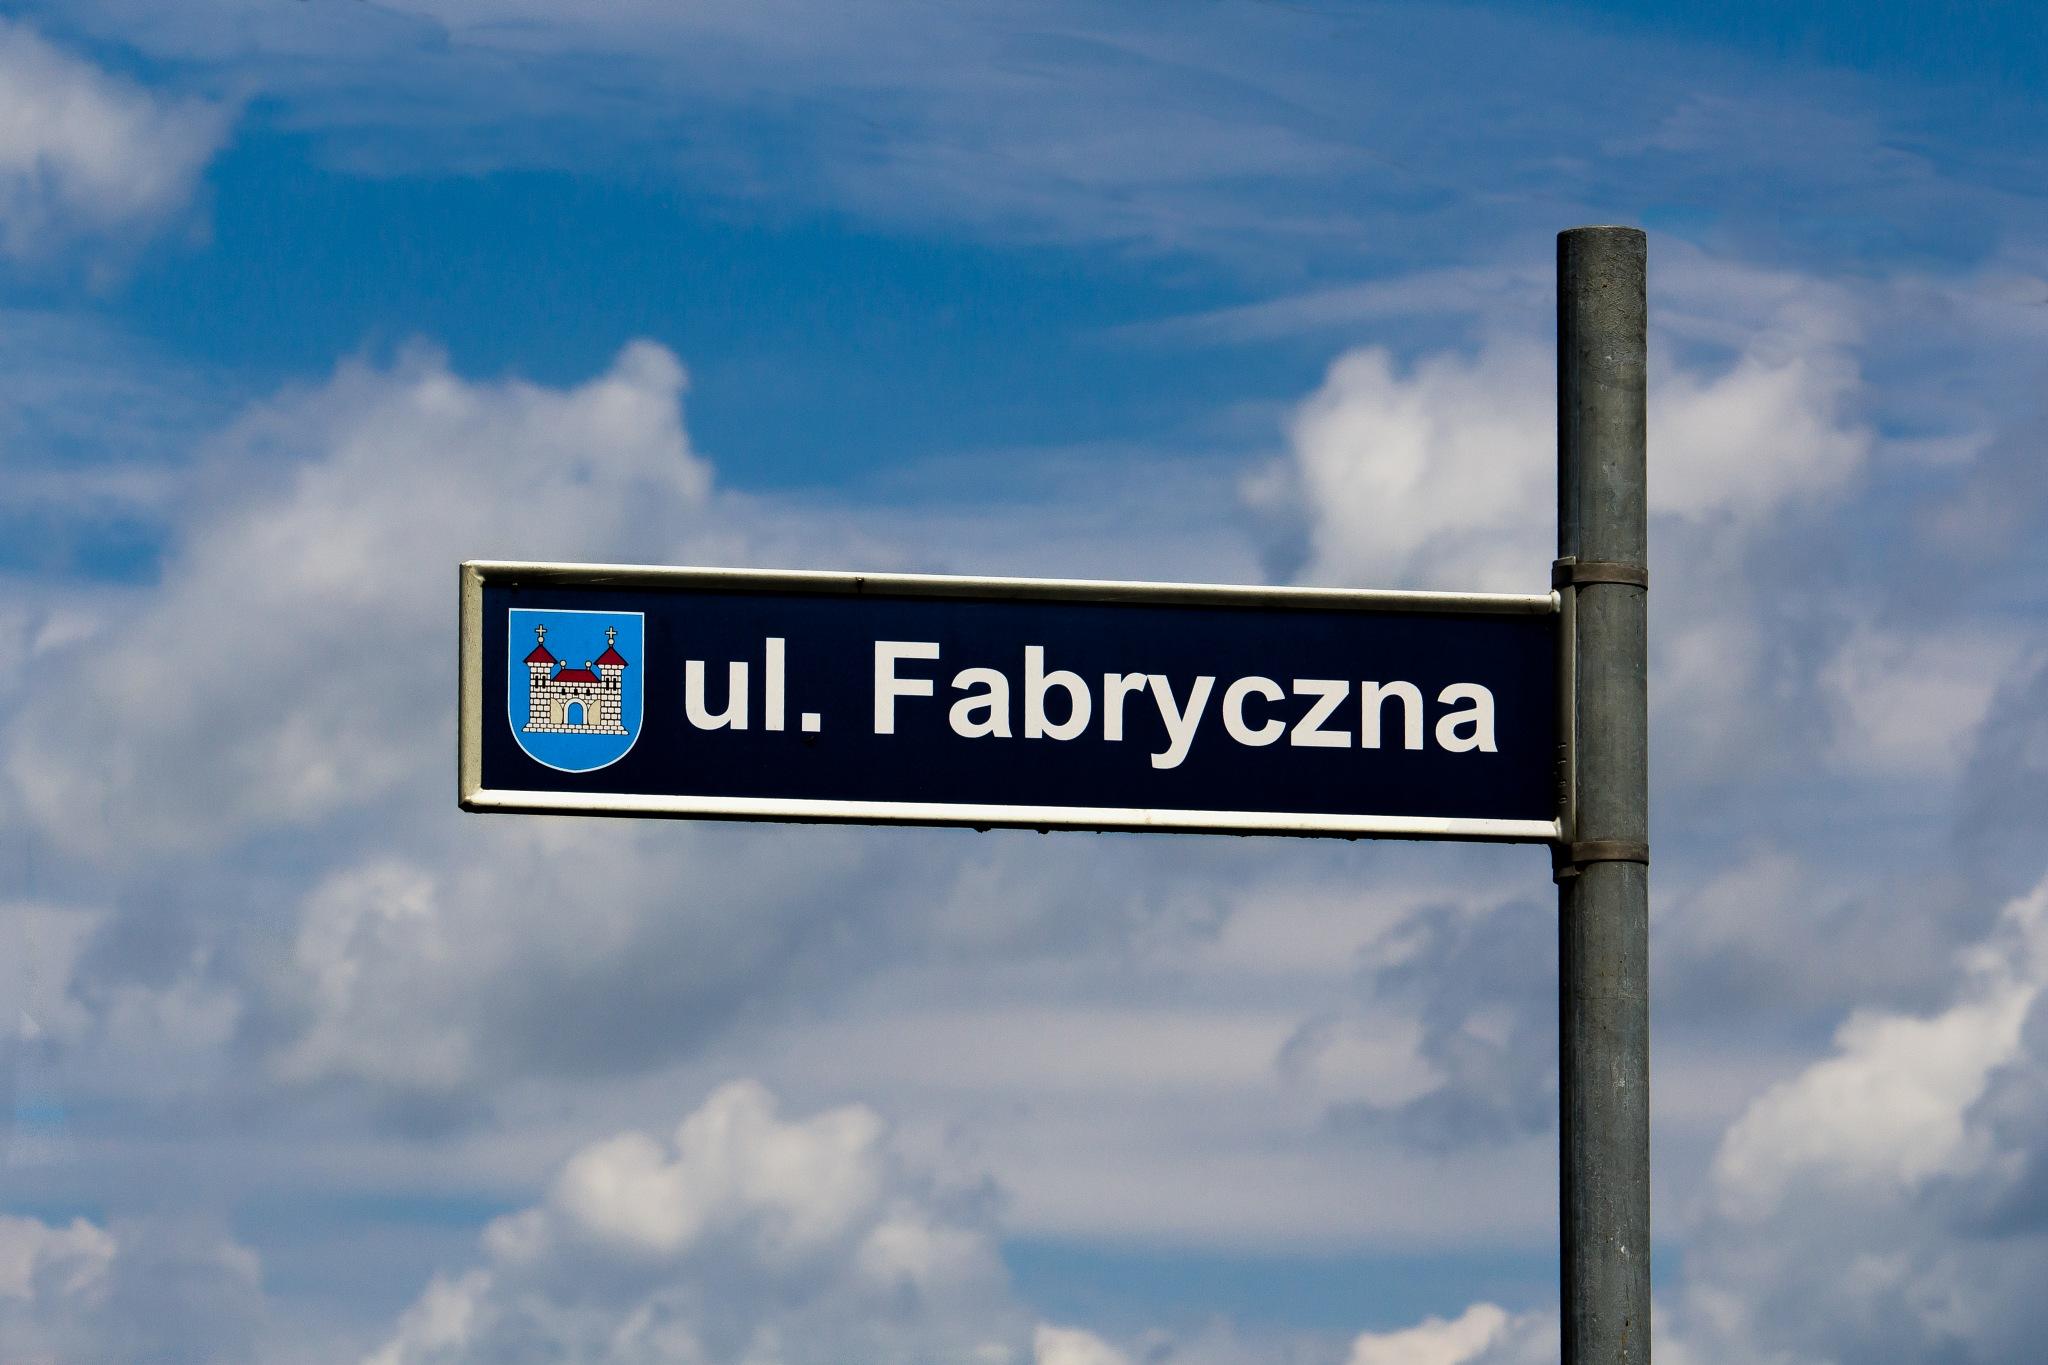 ul. Fabryczna by Andrzej Adamczyk